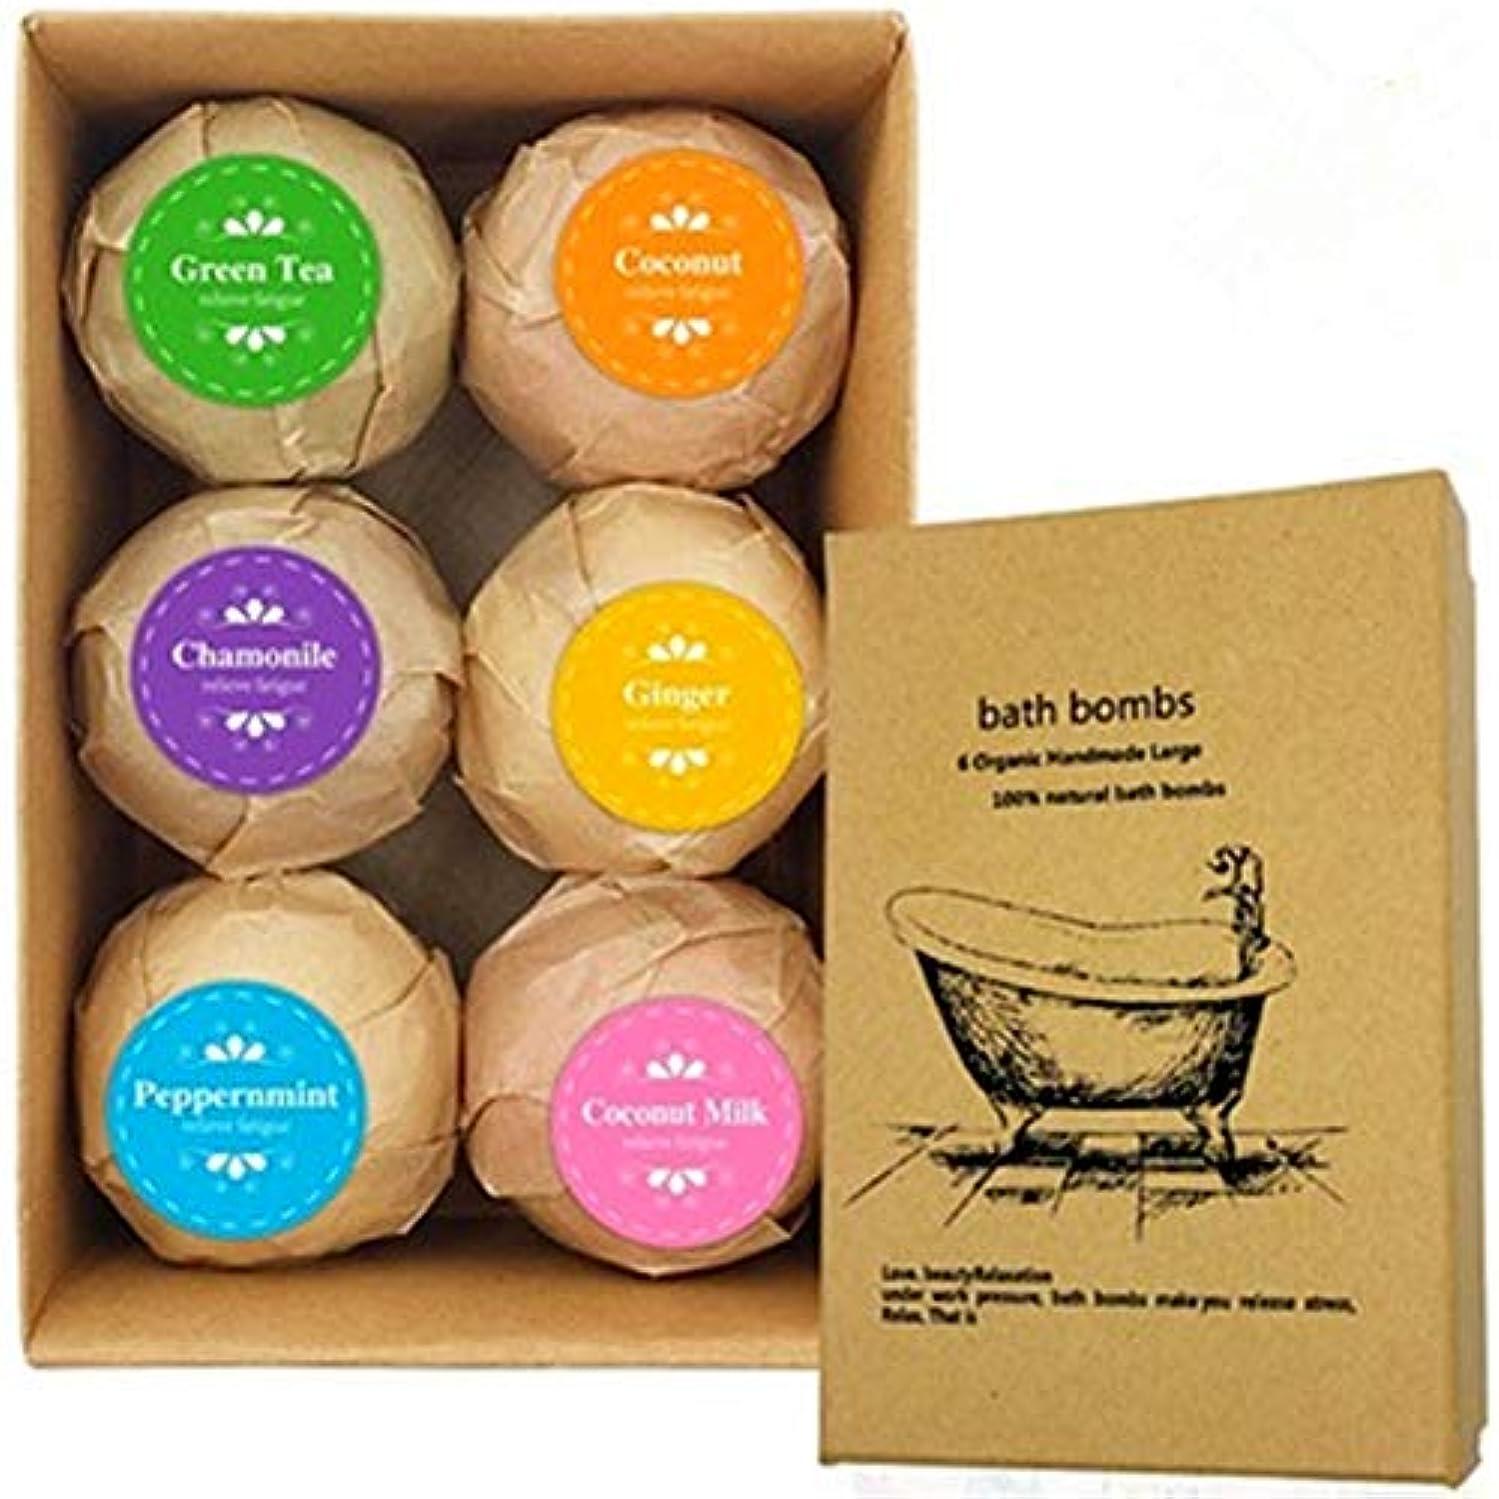 飢えた即席雄弁なバスボム 入浴剤 炭酸 バスボール 6つの香り 手作り 入浴料 うるおいプラス お風呂用 入浴剤 ギフトセット6枚 贈り物 プレゼント最適